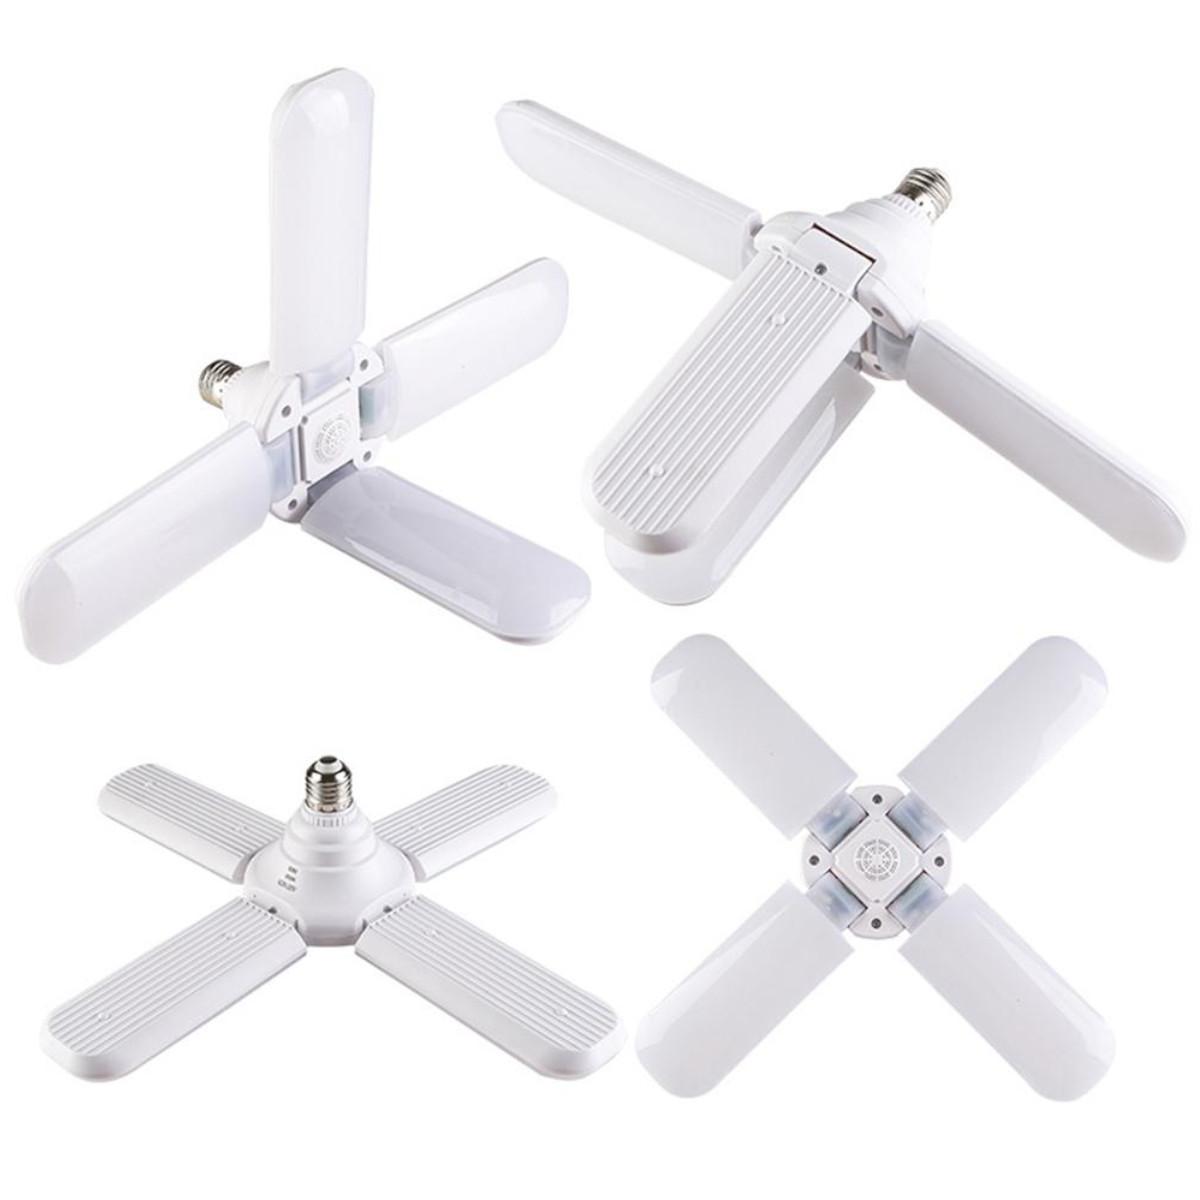 Lâmpada Led 45W Pétalas Dobrável Ajustável Fan Blade Led Bulbo Leitosa E27 Bivolt Branco Frio